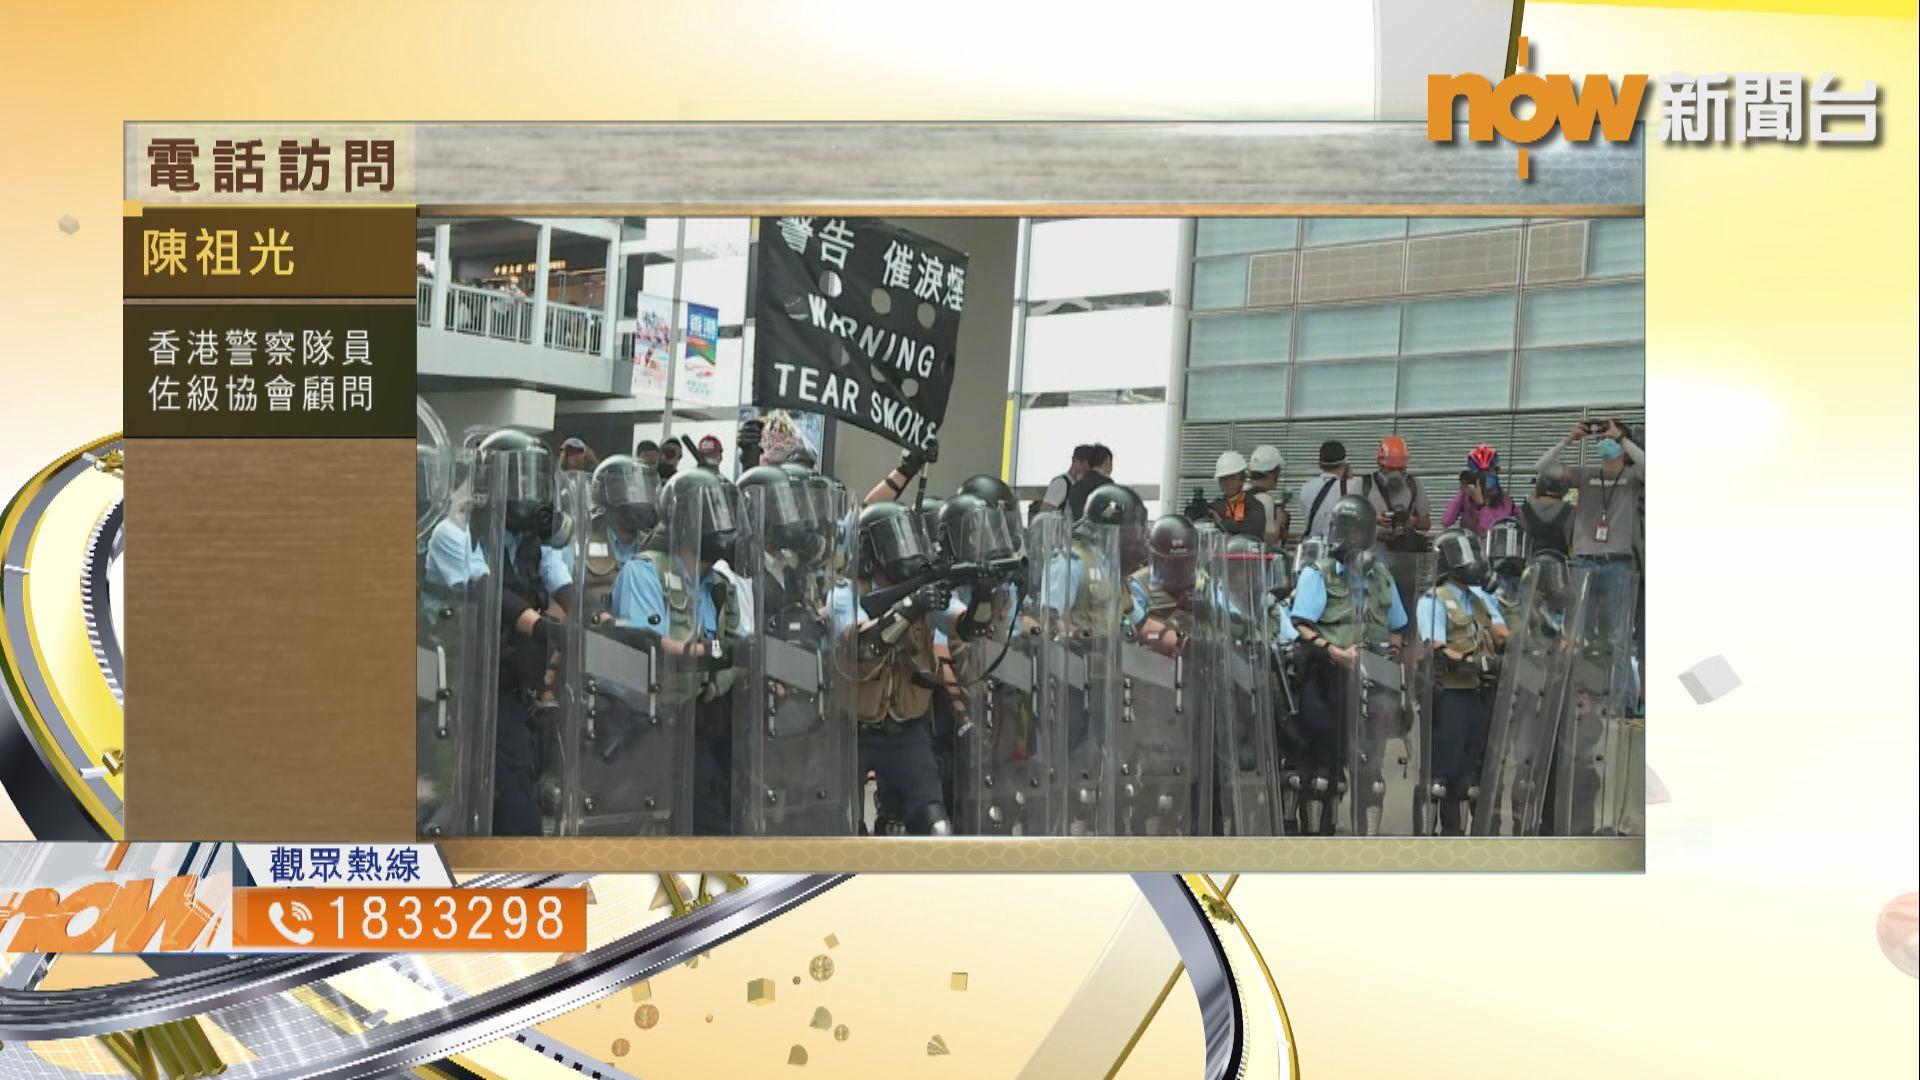 【時事我咁講】陳祖光:警察因履行職責執法而被調查是不公平